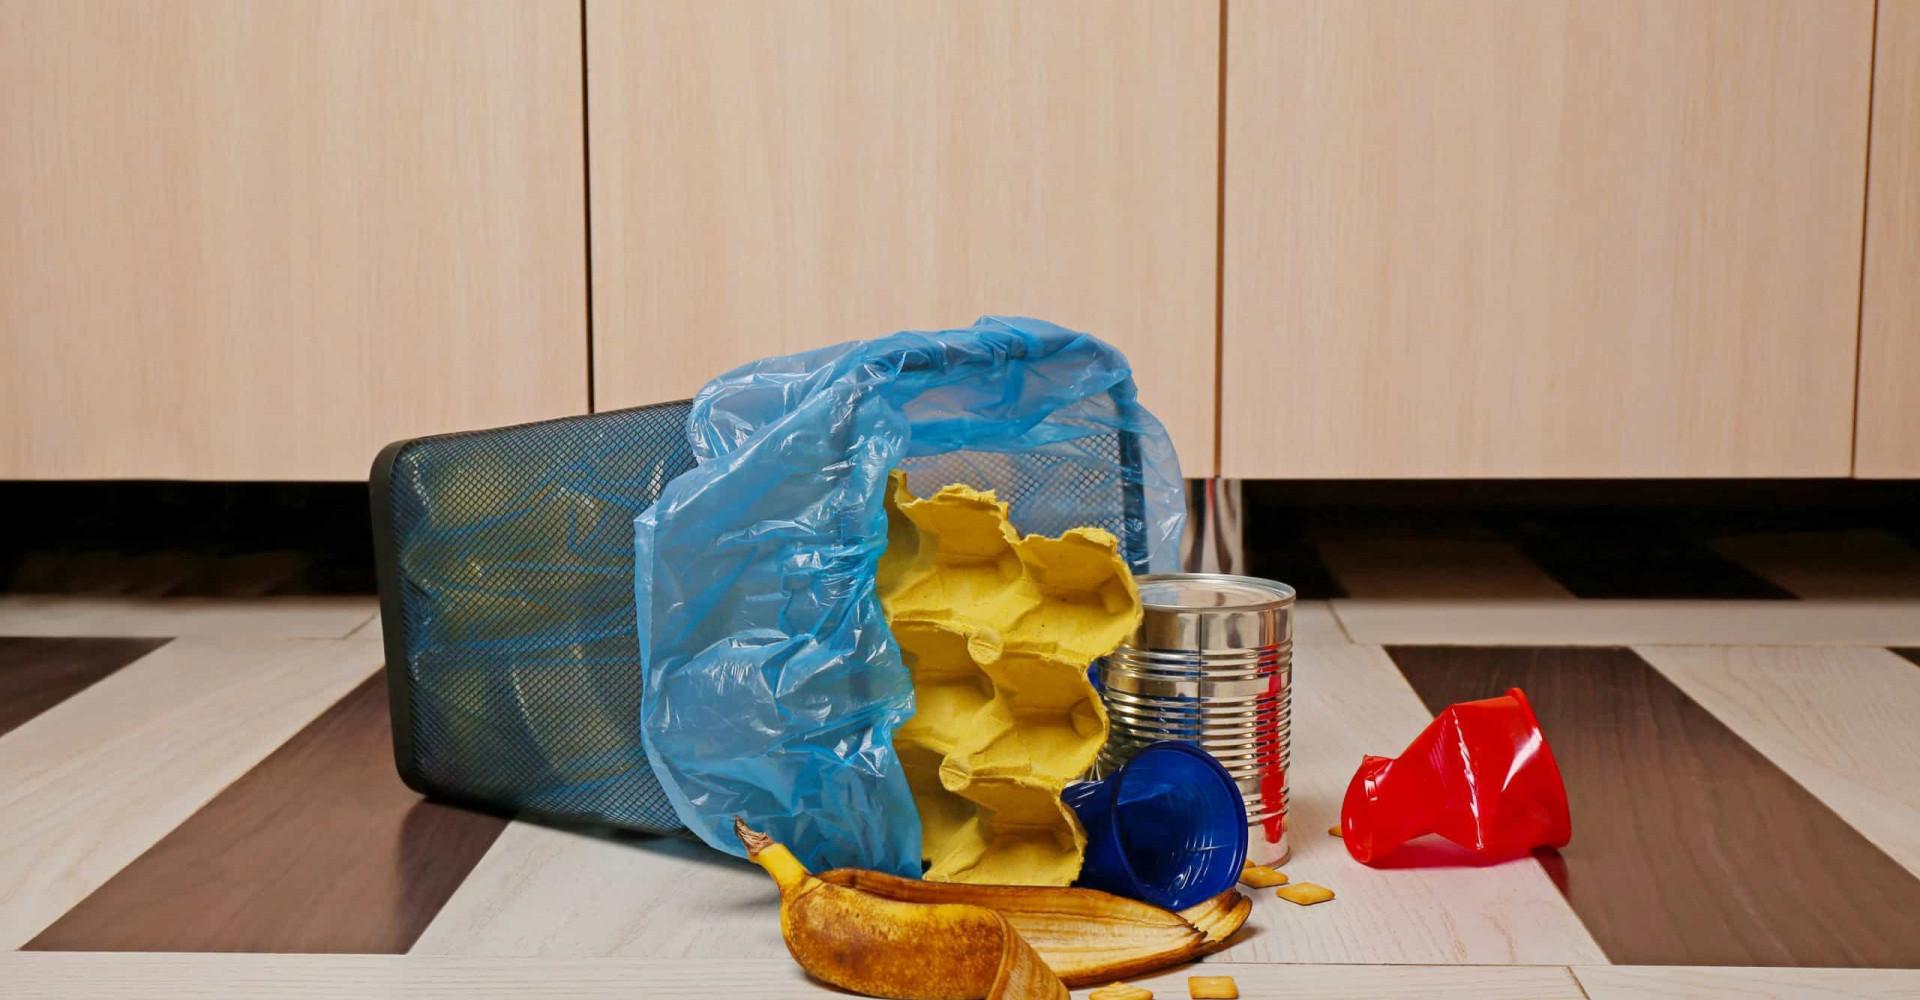 Hoe vaak maak jij je prullenbak schoon?